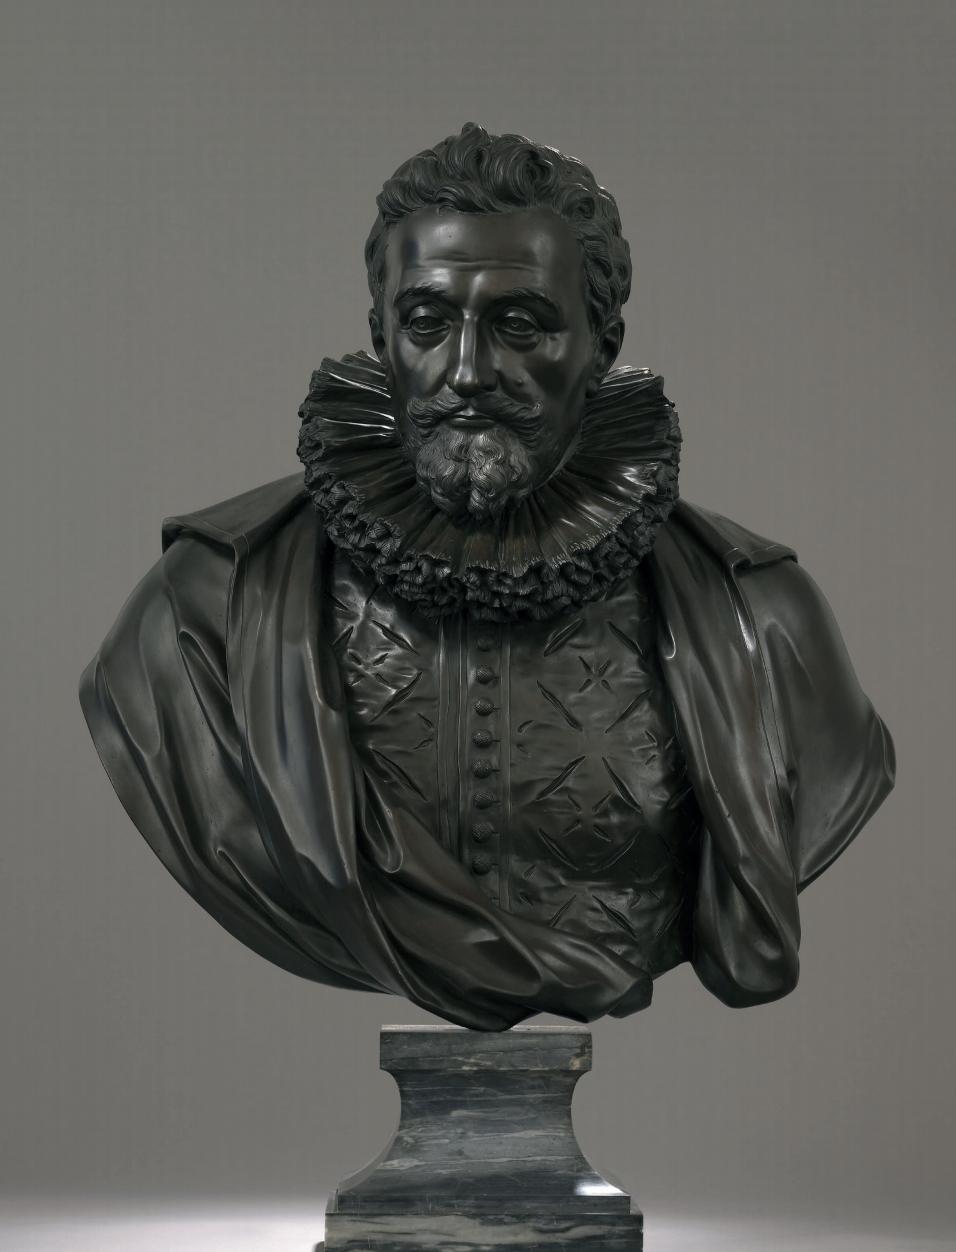 Paul Phélypeaux, seigneur de Pontchartrain (Blois 1569 - Castel-Sarrazin 1621) Buste en bronze à patine brune sur piédouche en marbre bleu turquin